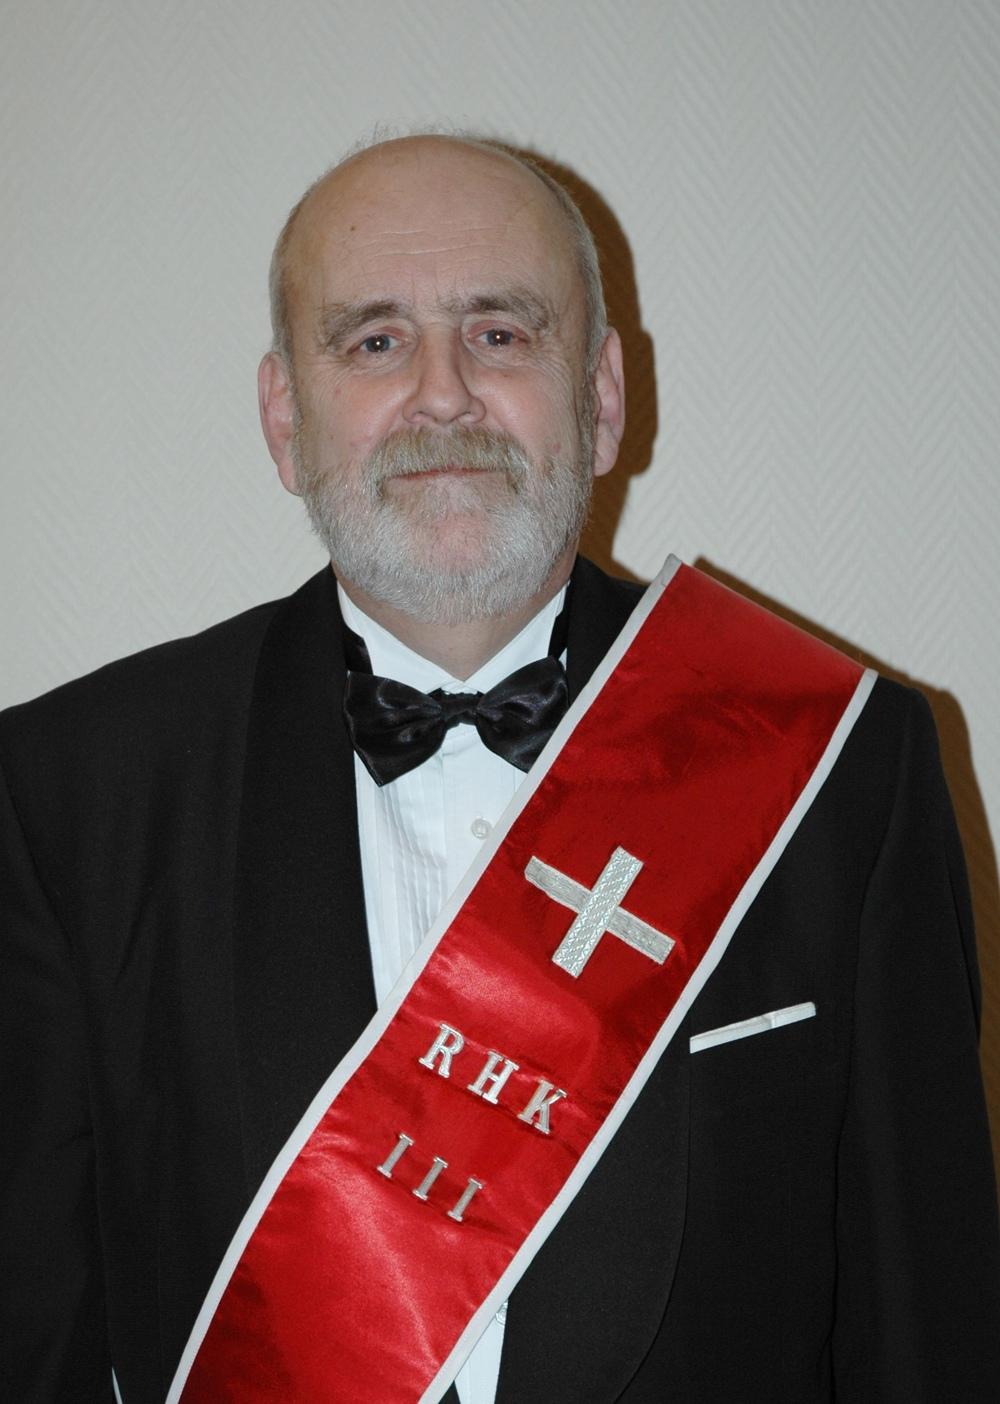 Svenn Arne Muggerud style=